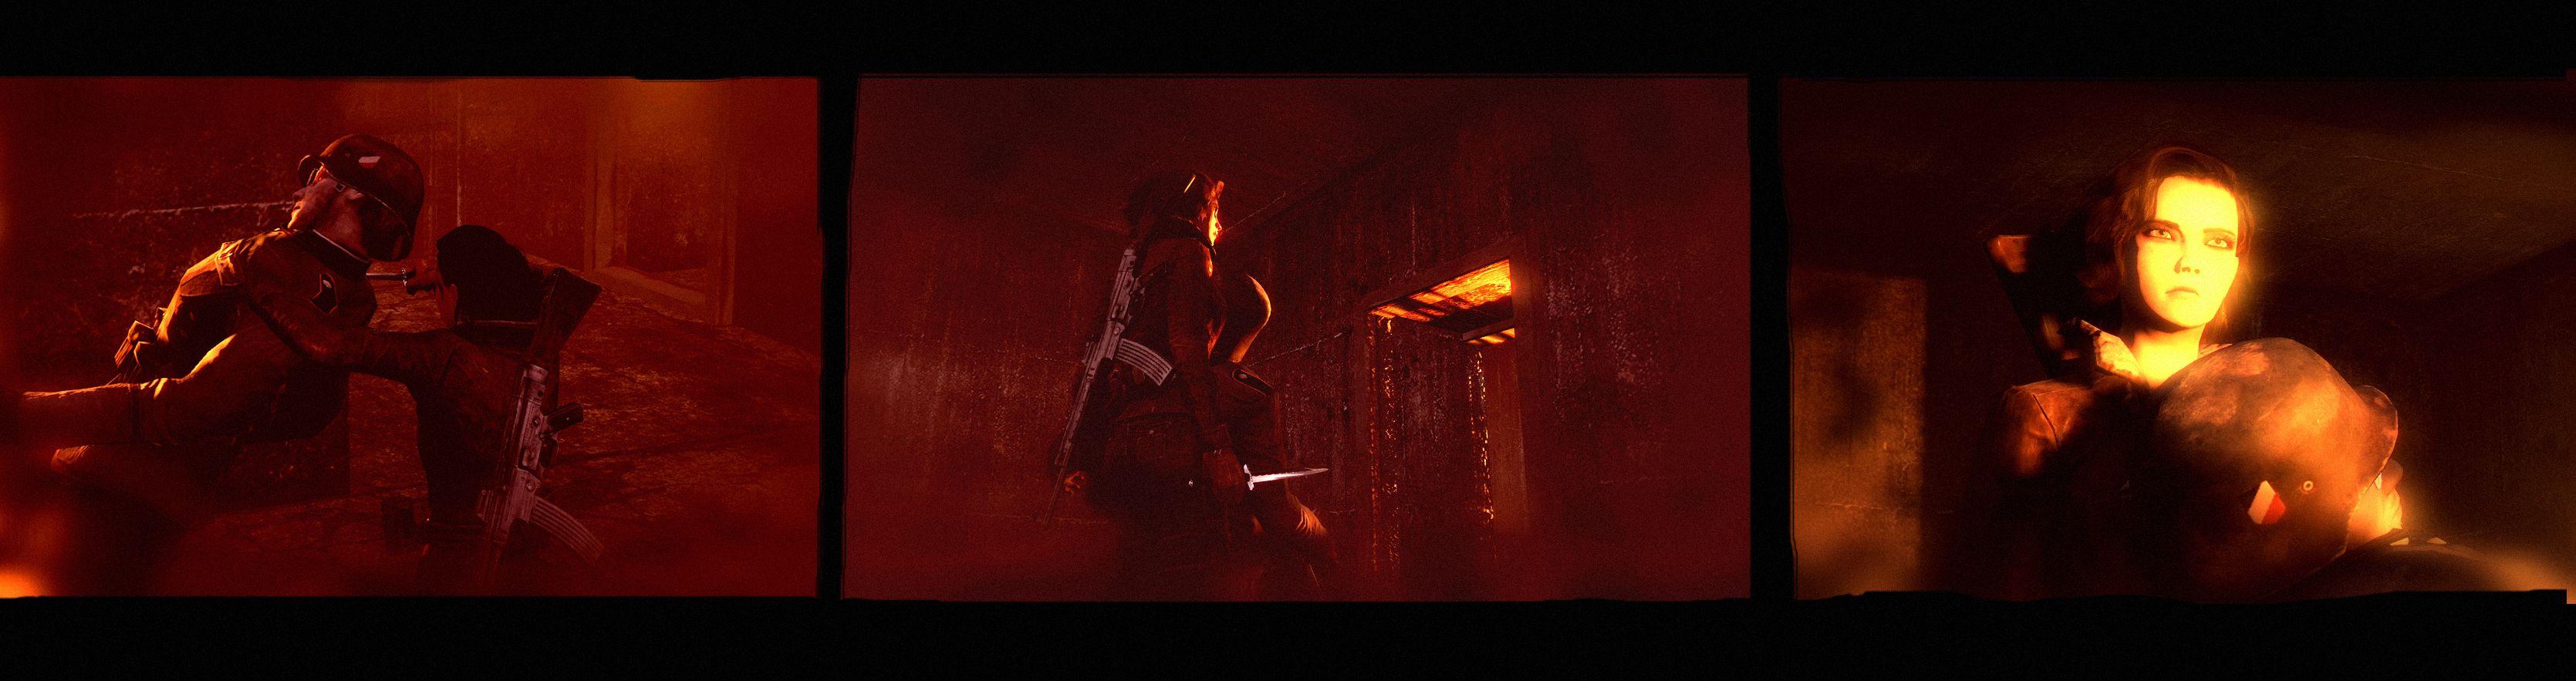 Video de asesinatos stealth en velvet assassin lagzero for Que significa velvet